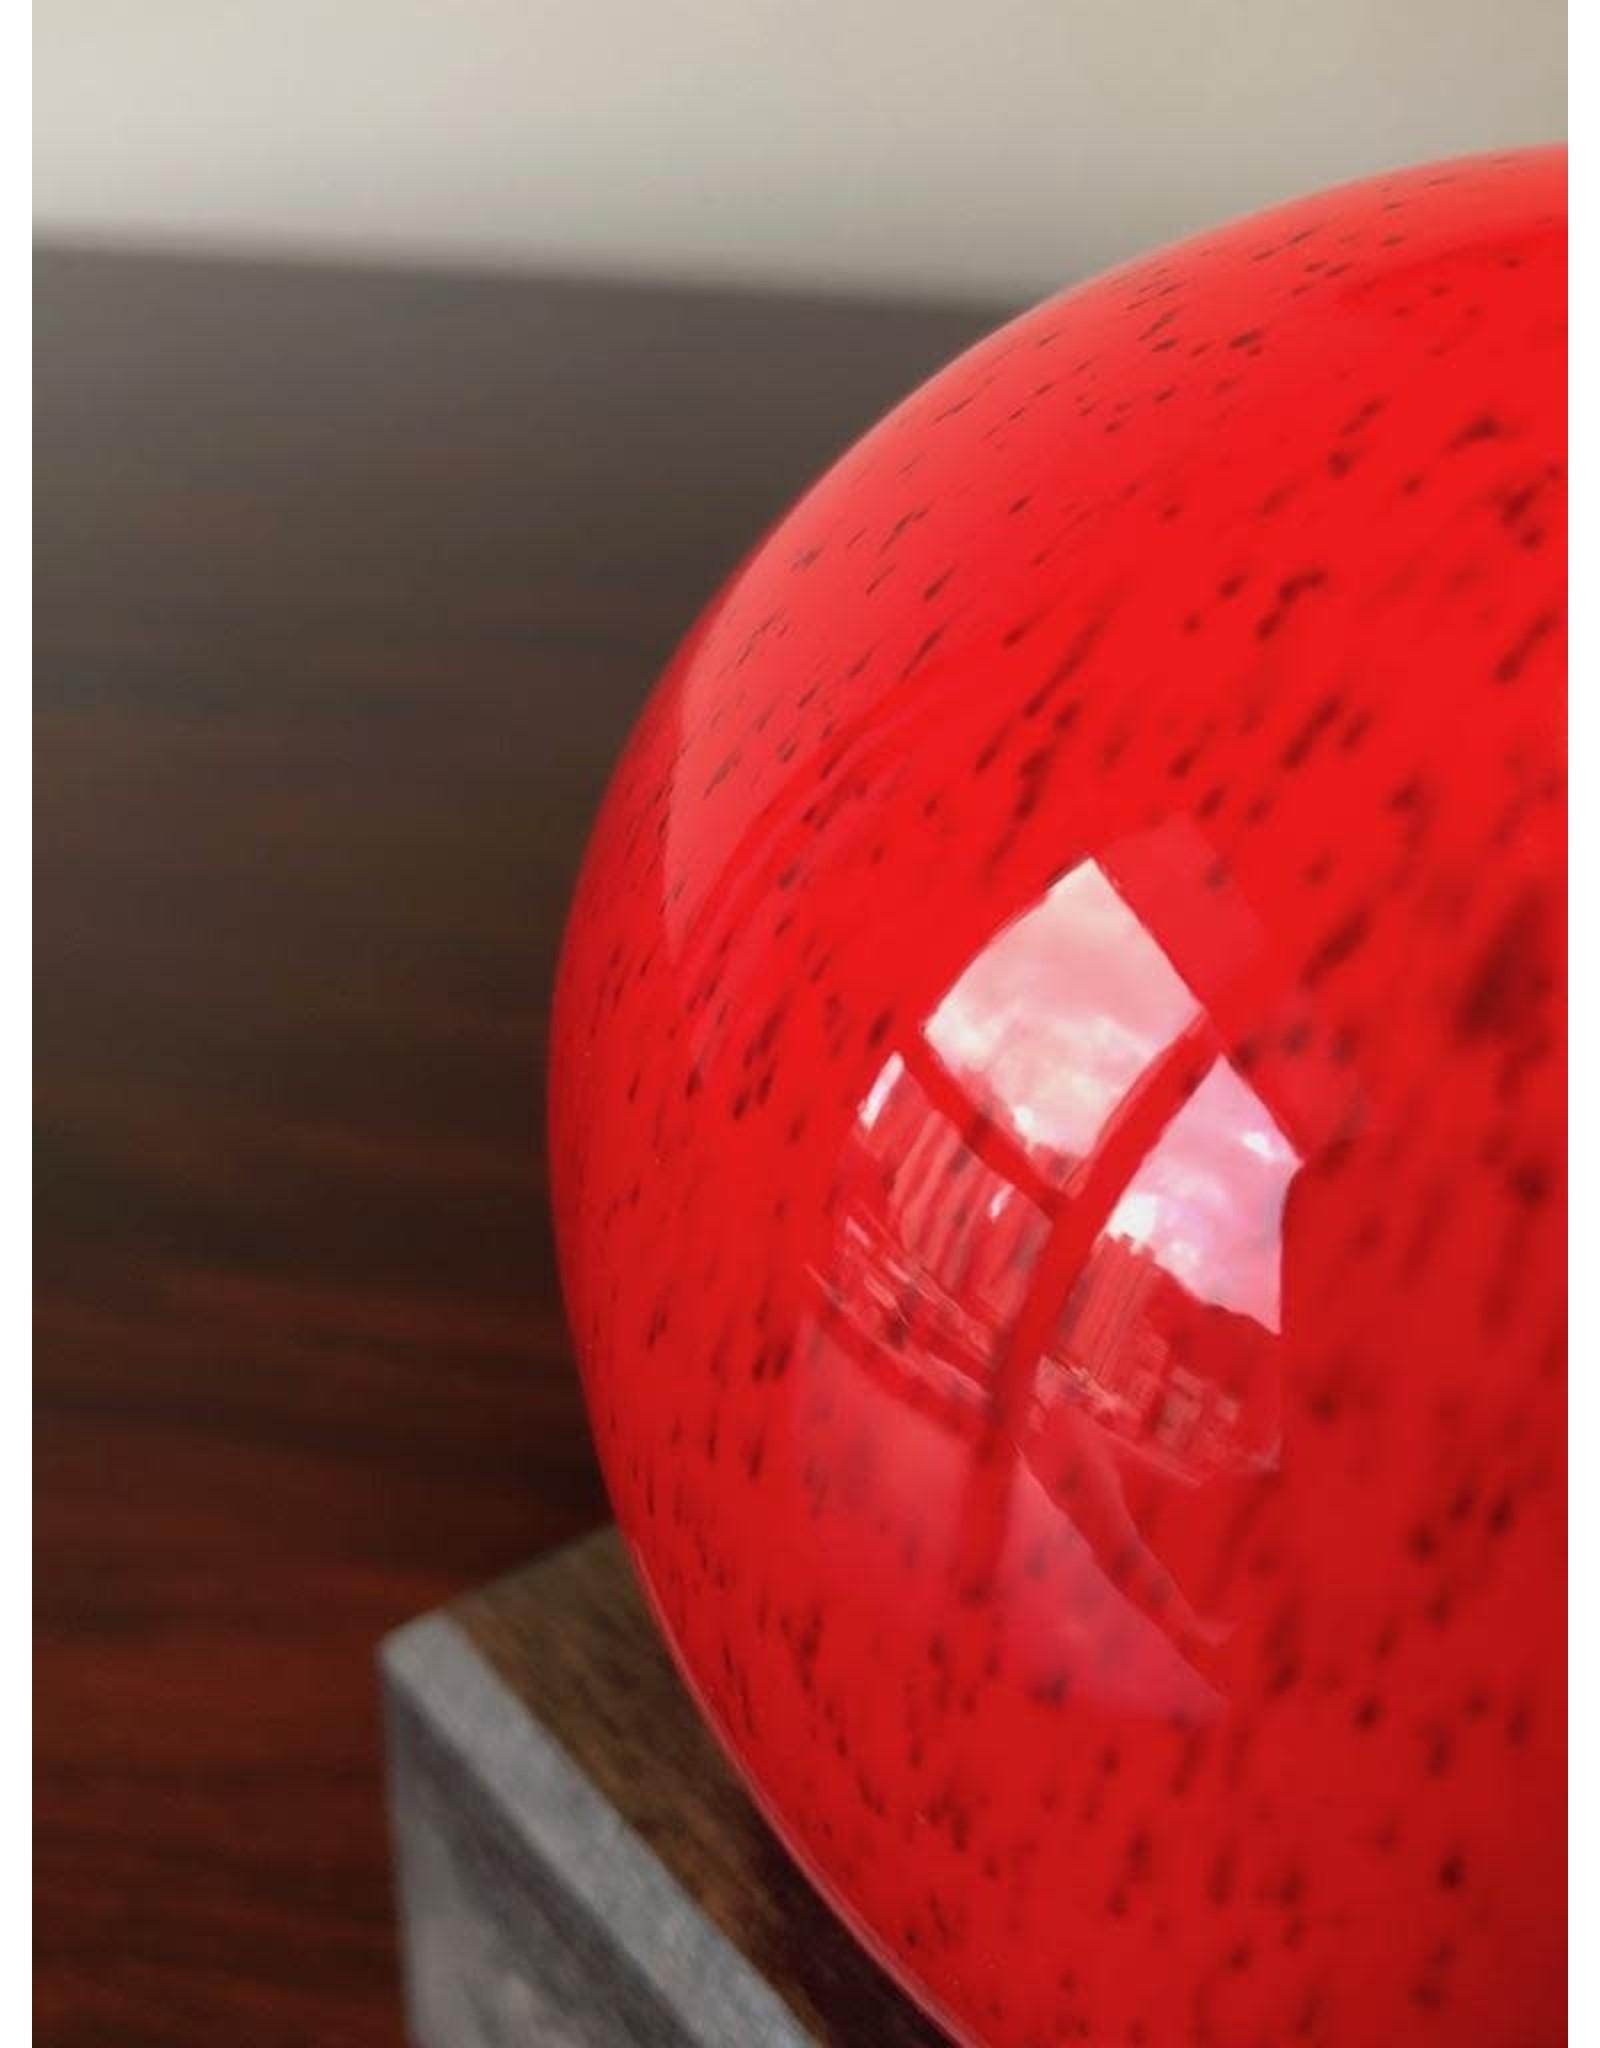 CERAMIC SIGNED RED GLAZED APPLE SCULPTURE